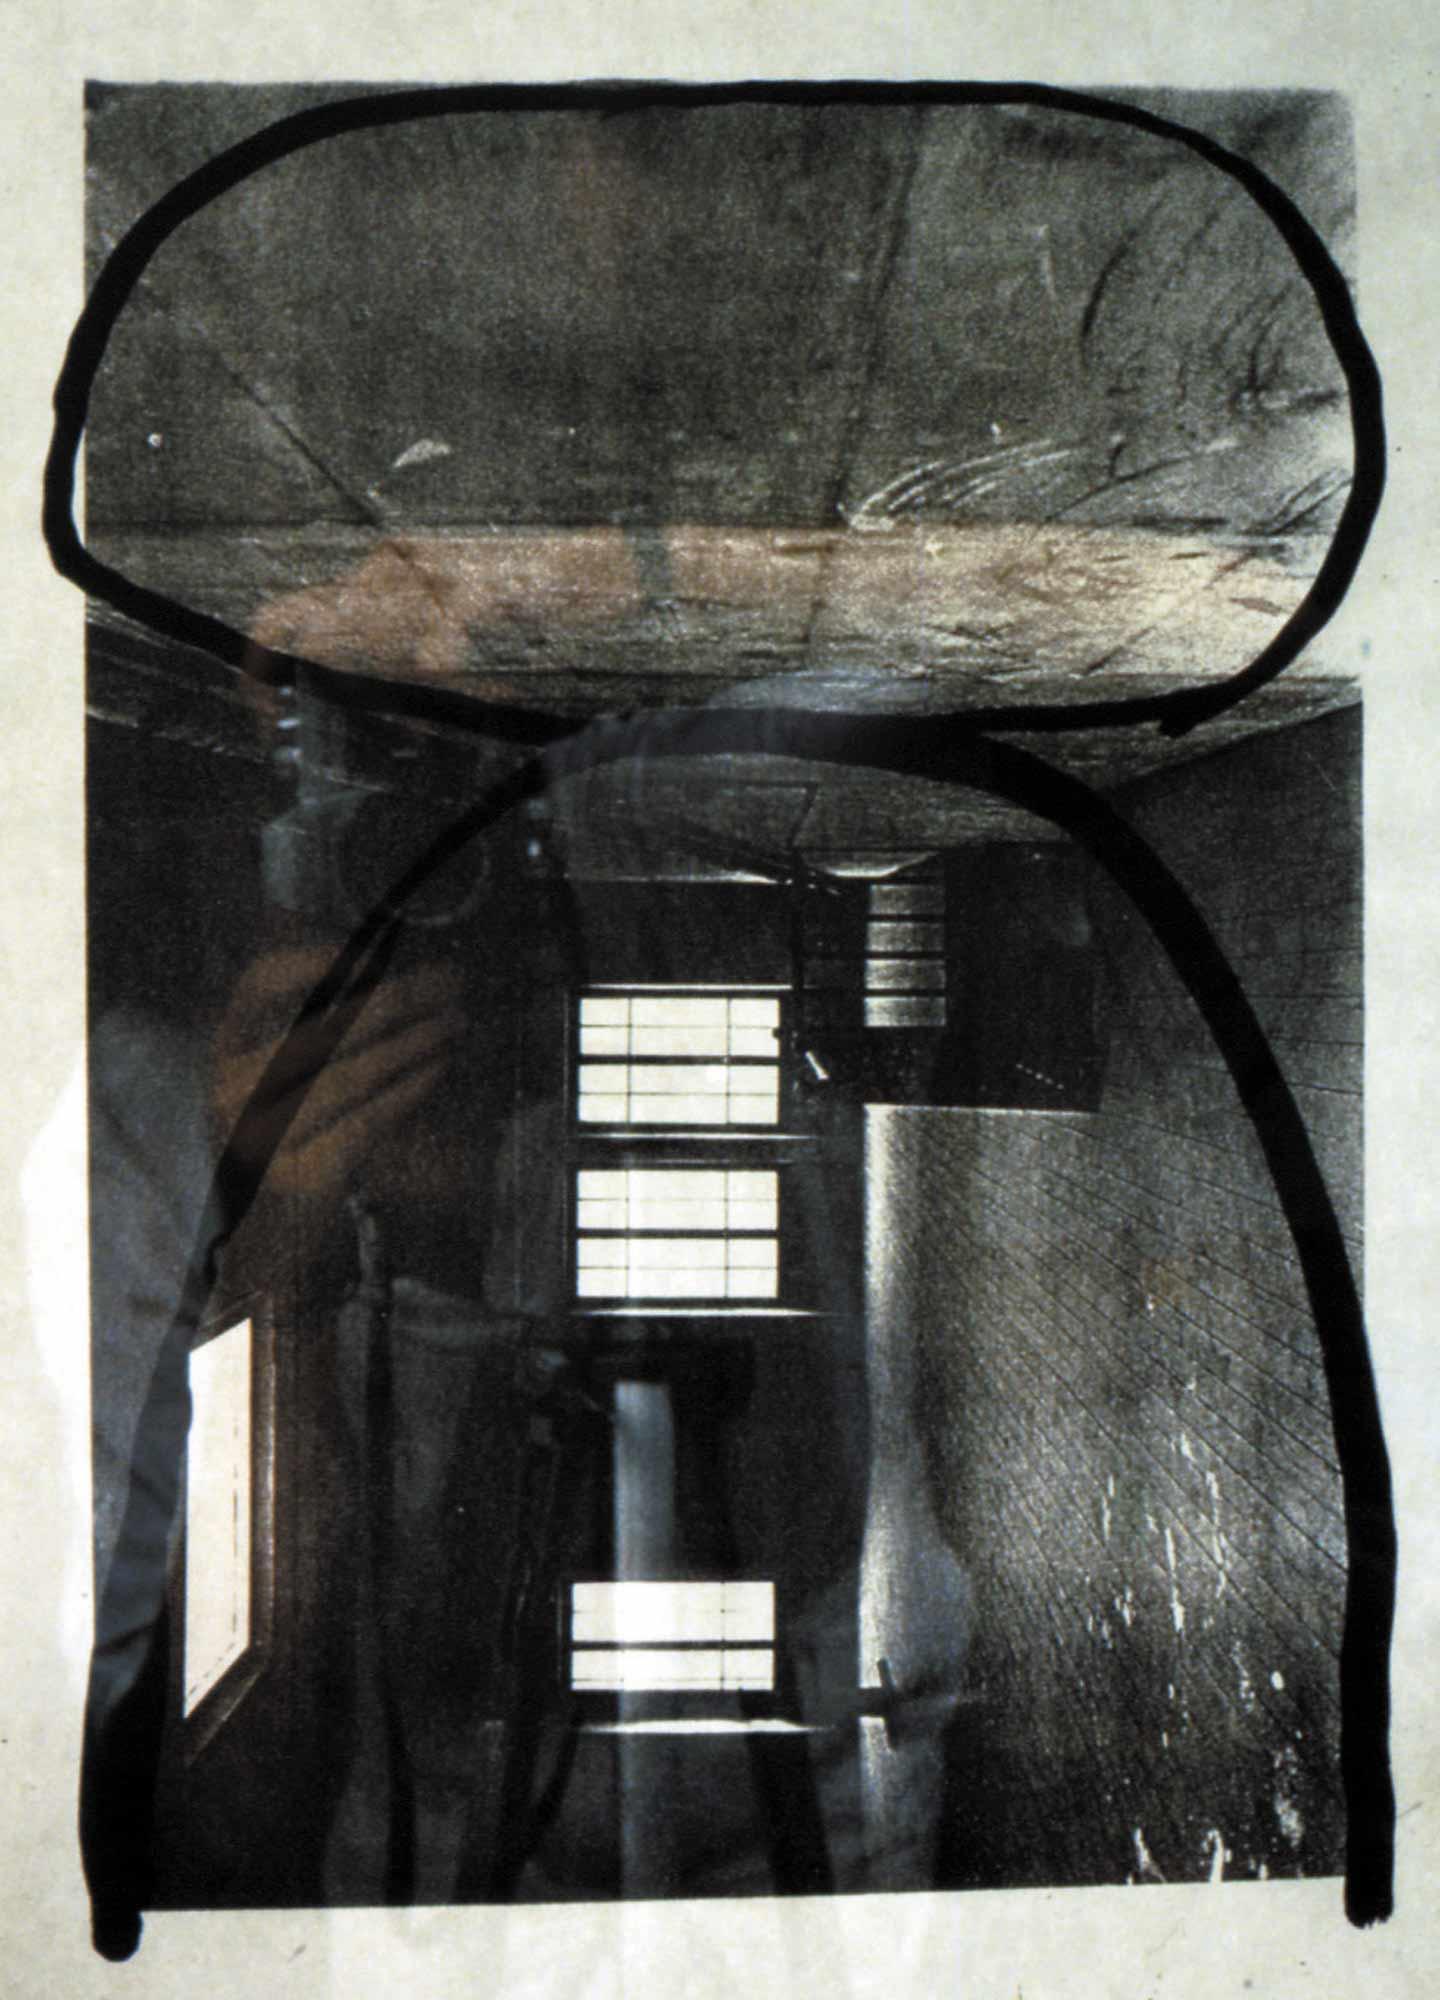 Pierre - 1987 – Encre sur photo papier. 42 x 30 cm. Denis Falgoux